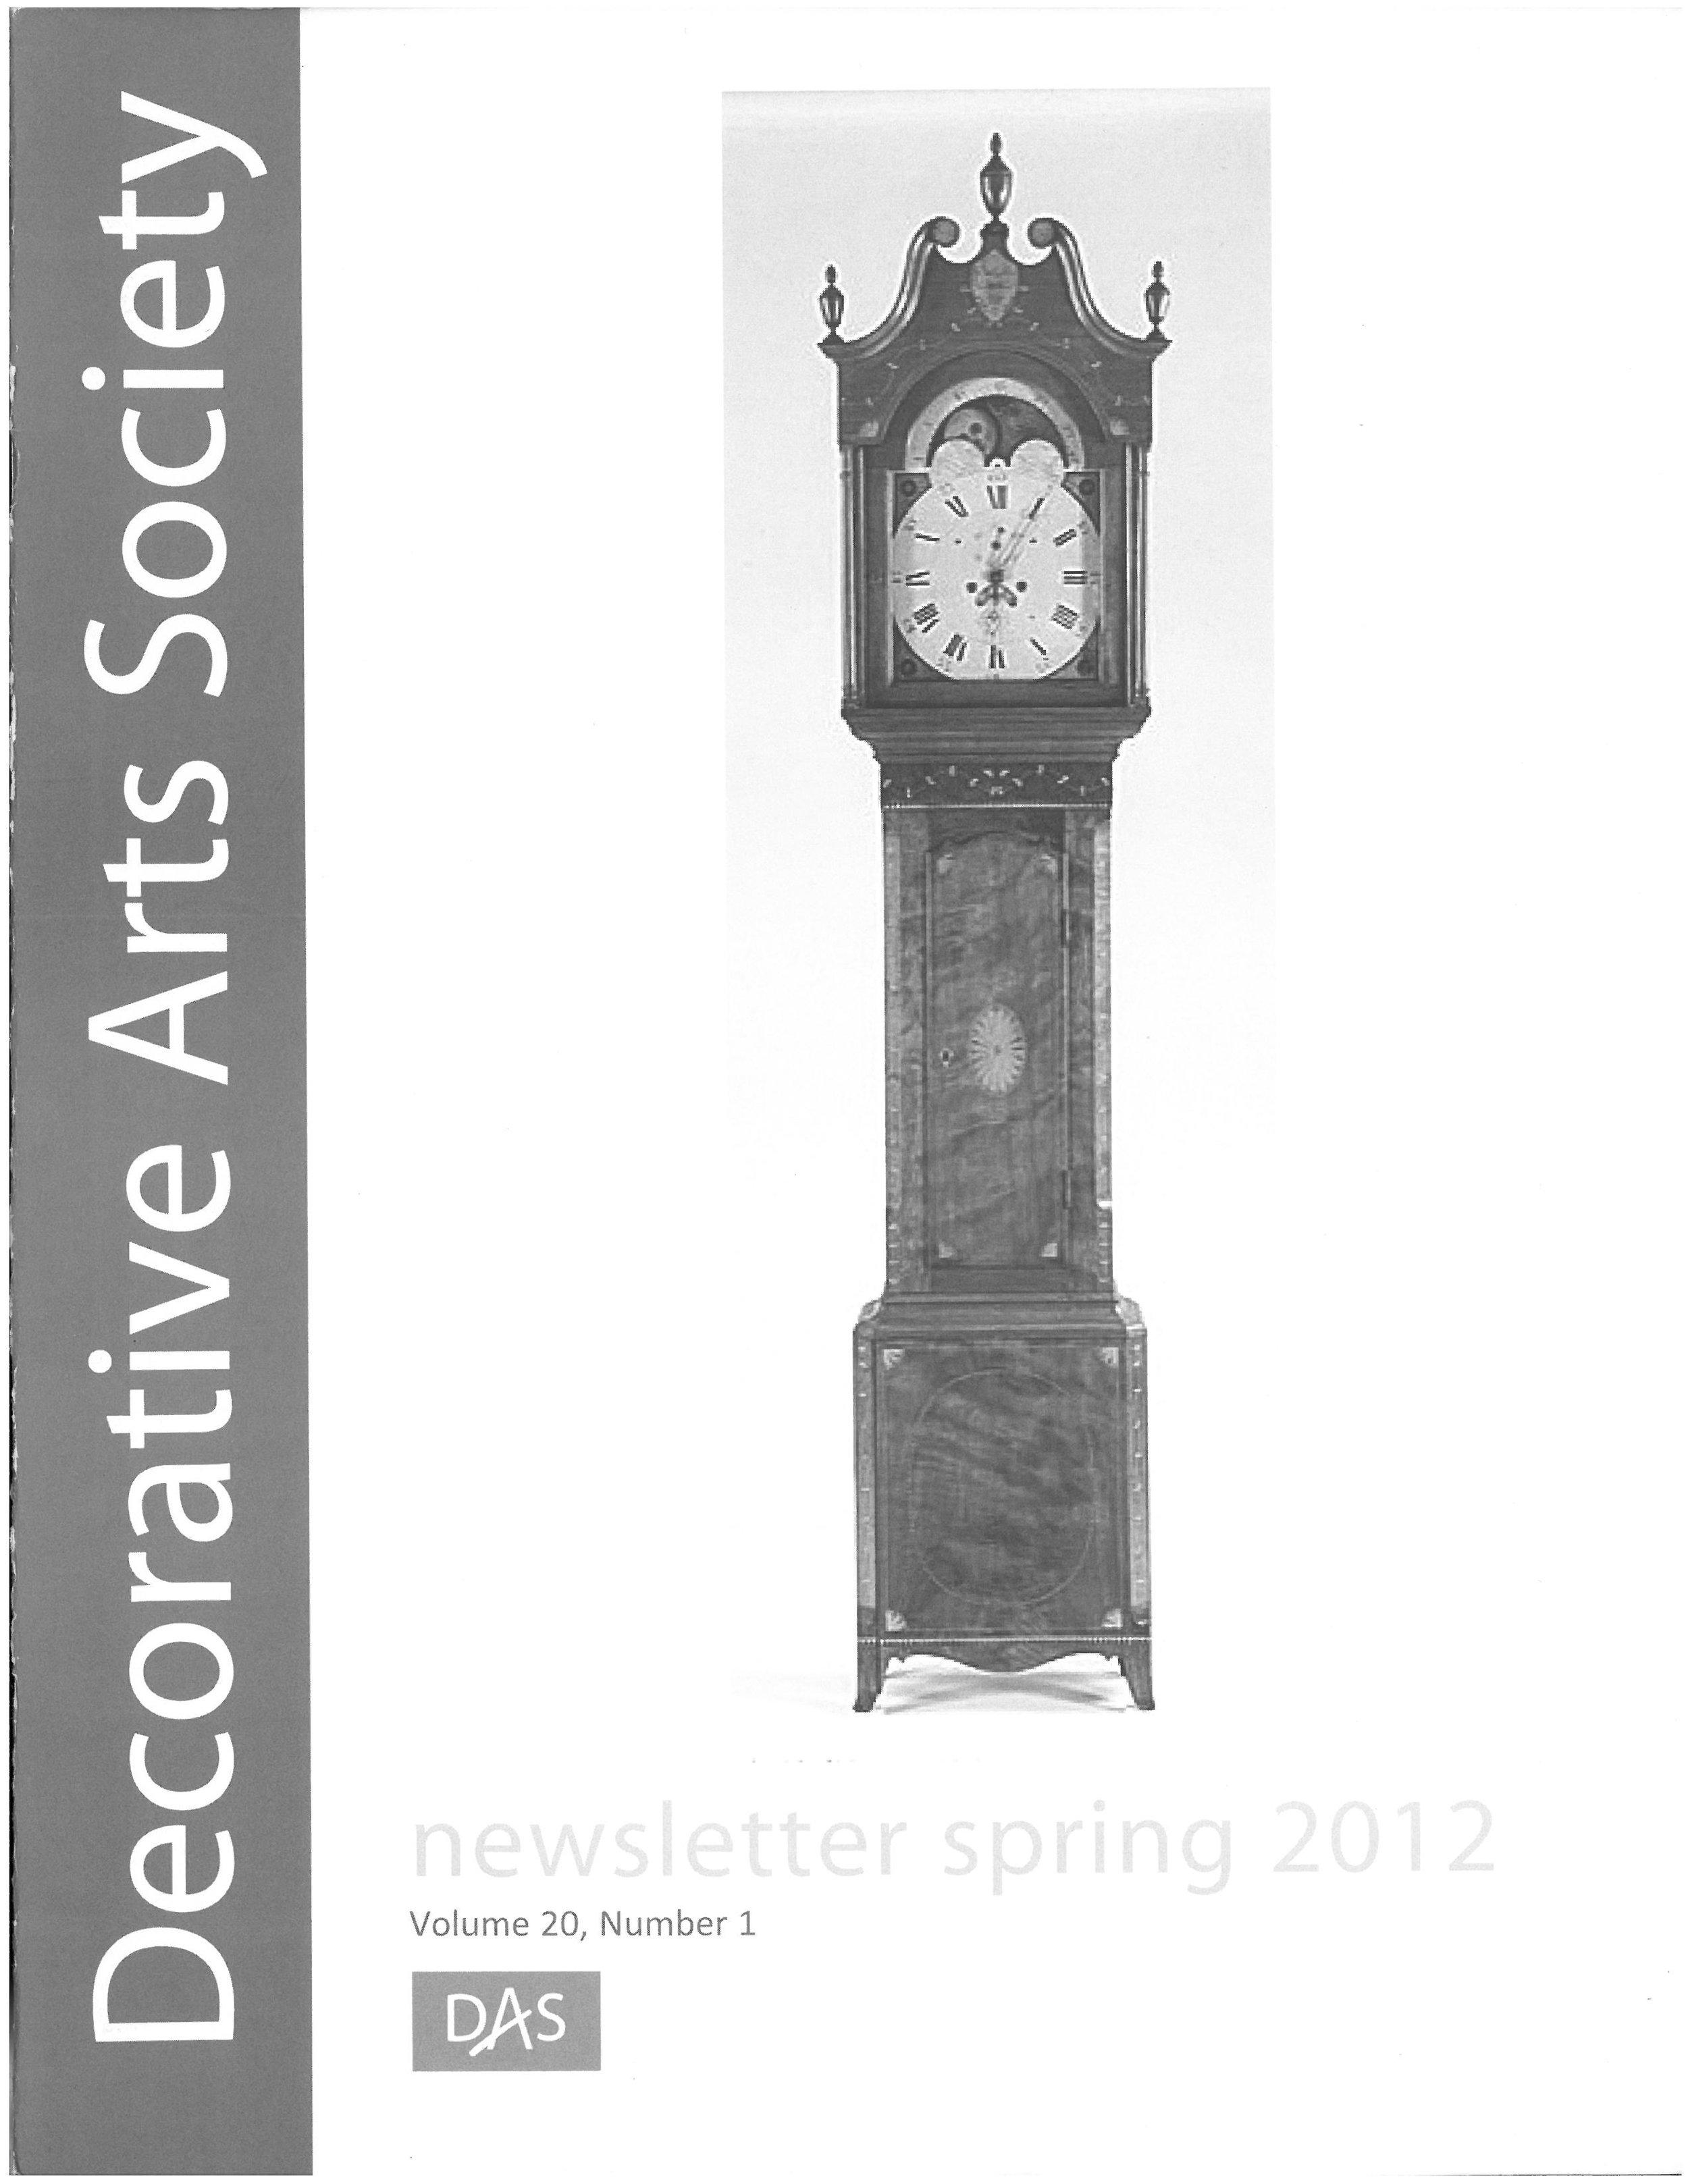 Spring2012 -